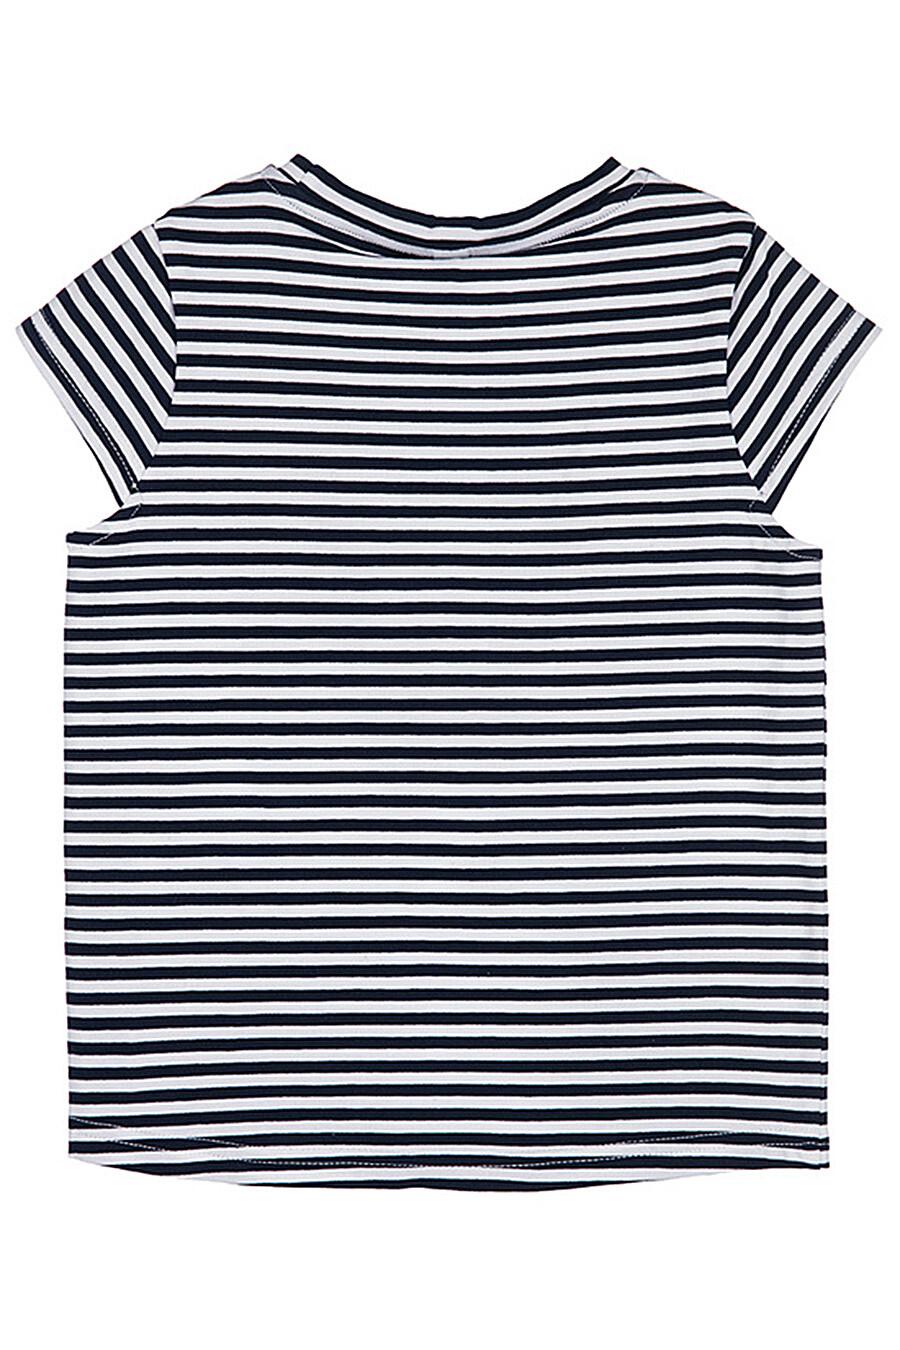 Комплект (Легинсы+Футболка) для девочек PLAYTODAY 289490 купить оптом от производителя. Совместная покупка детской одежды в OptMoyo